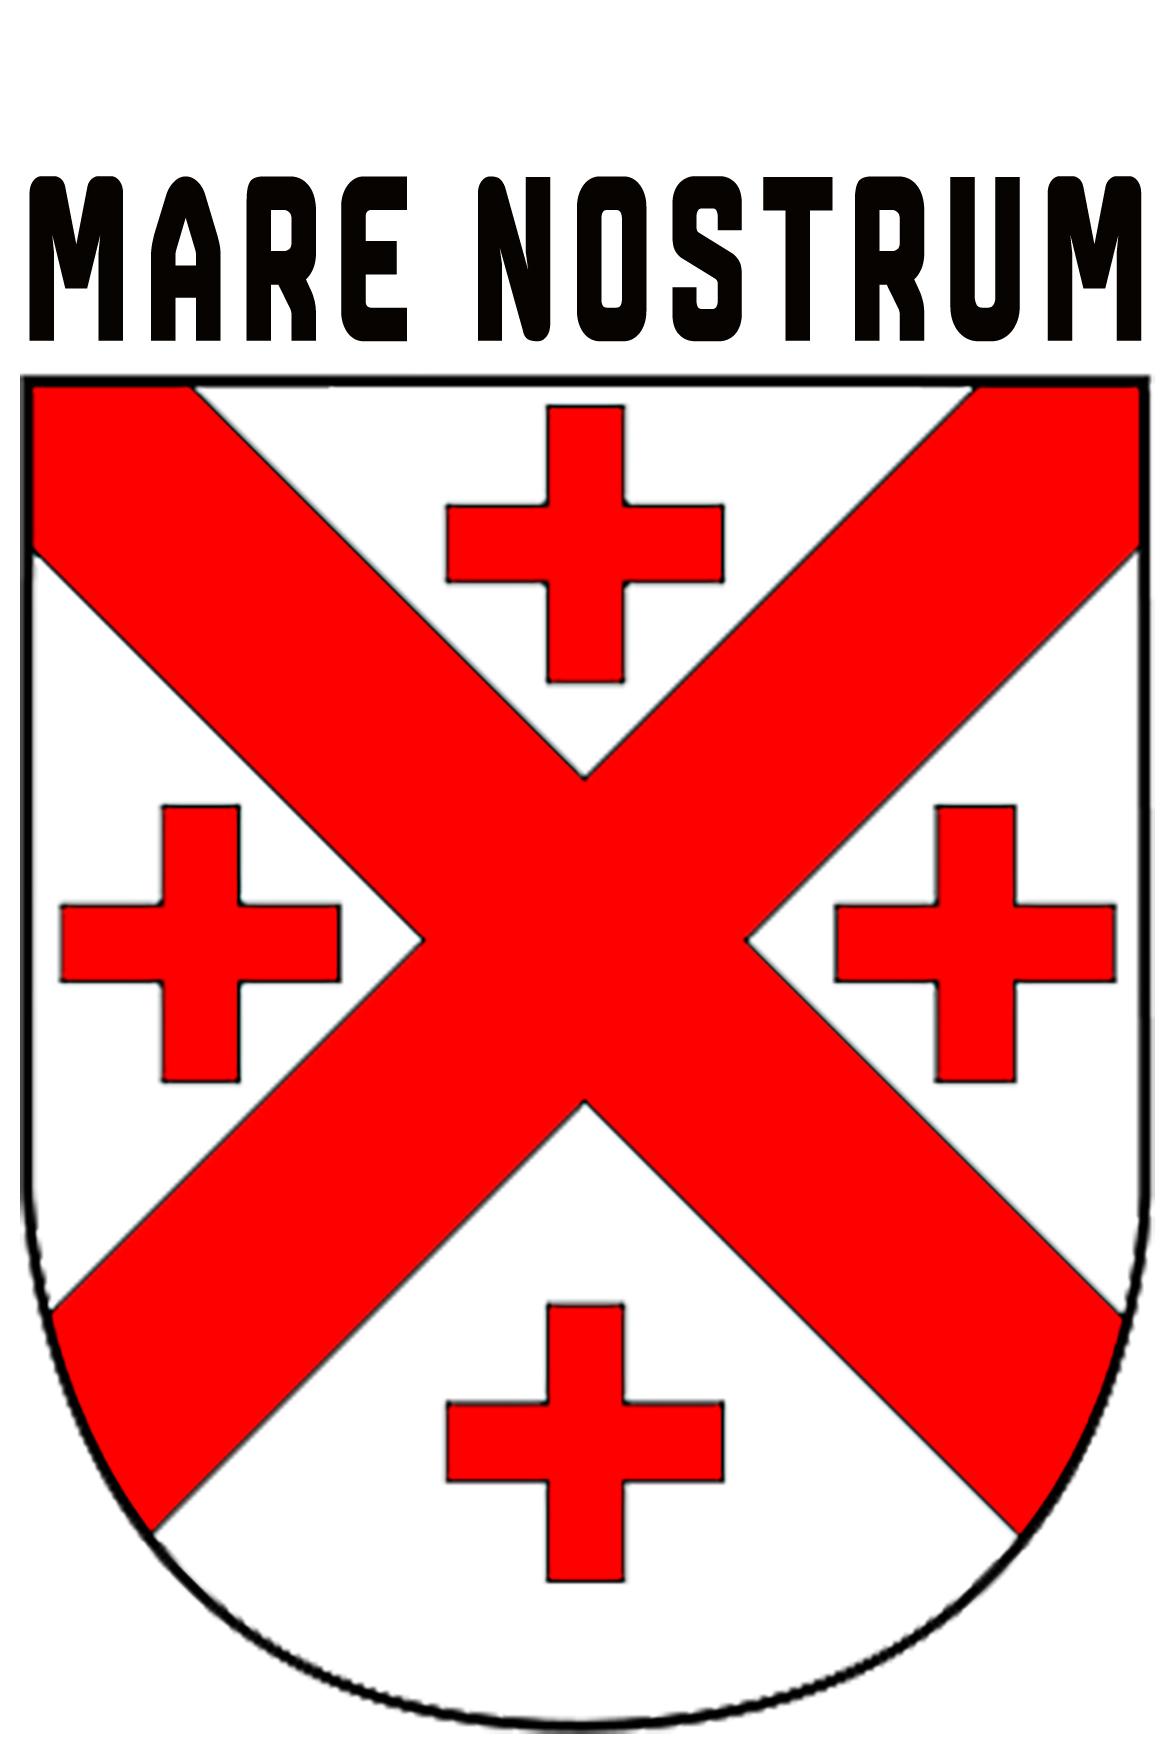 mare-nostrum